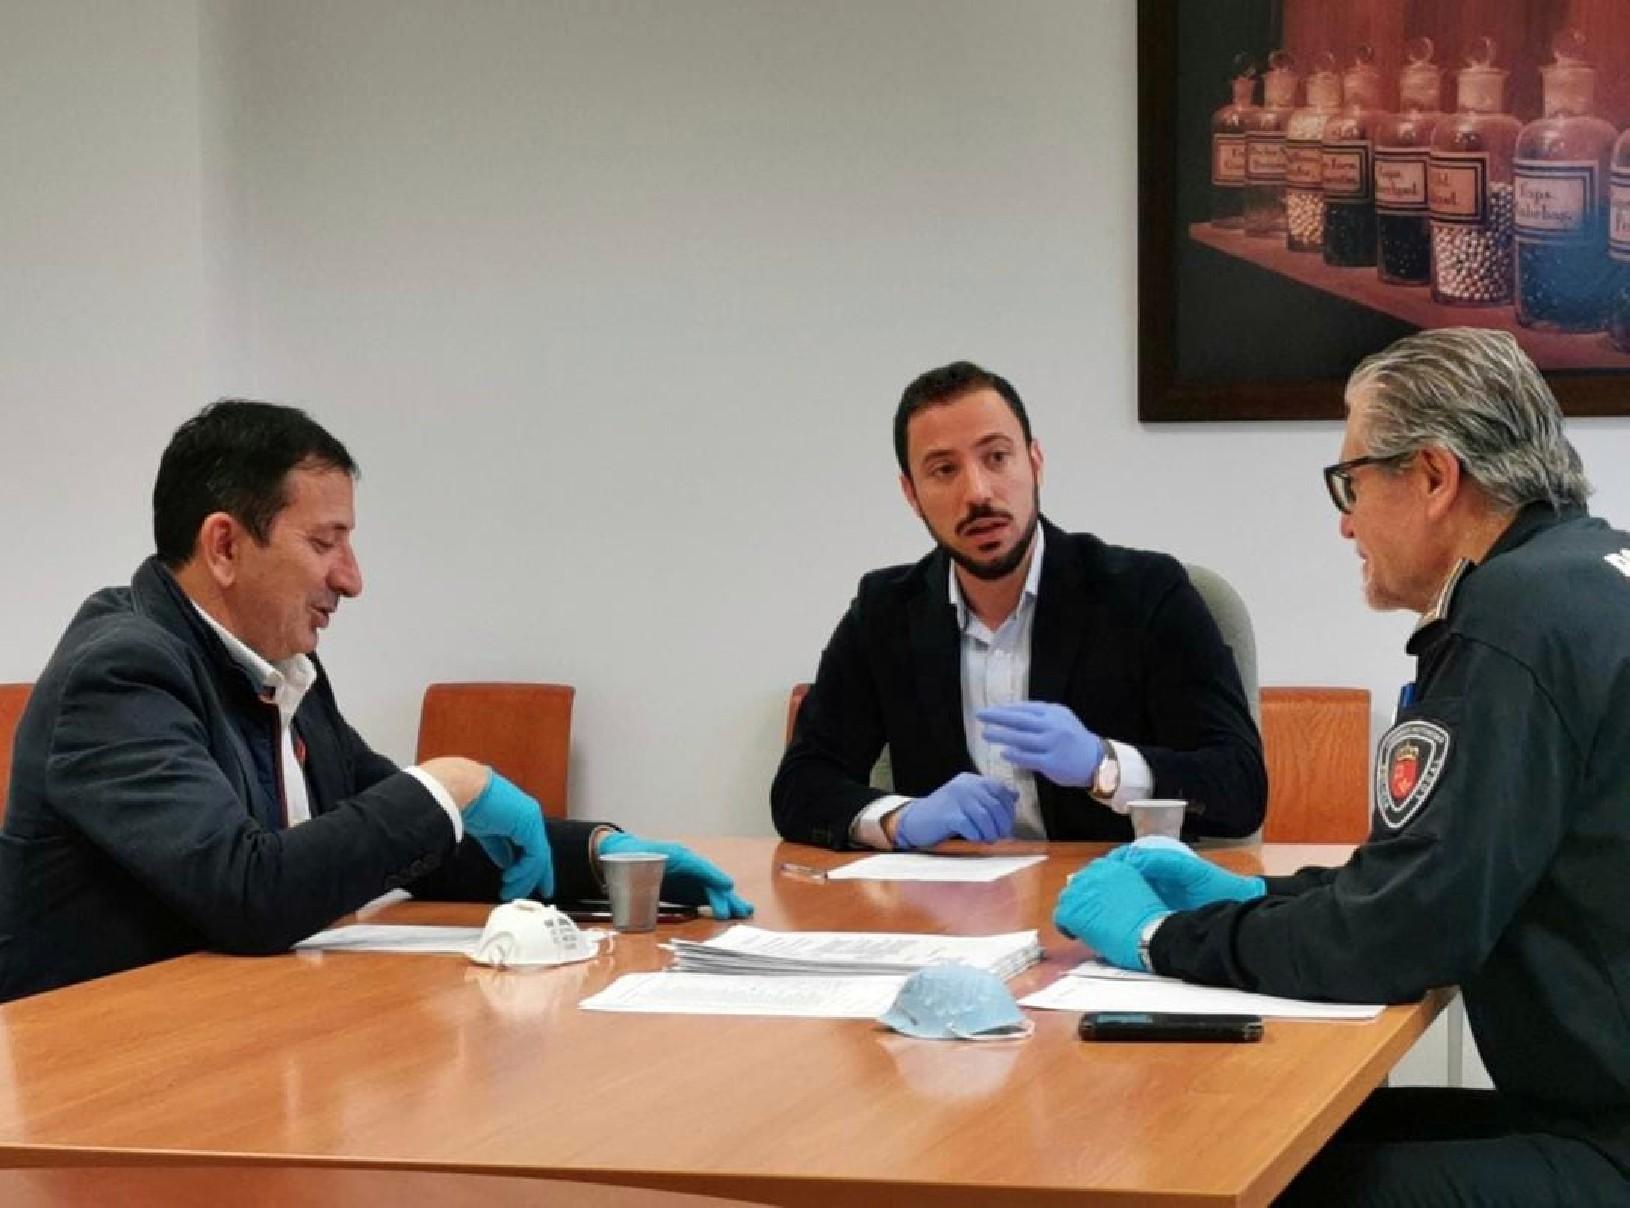 Los comerciantes lorquinos mantienen una actuación ejemplar en relación al coronavirus